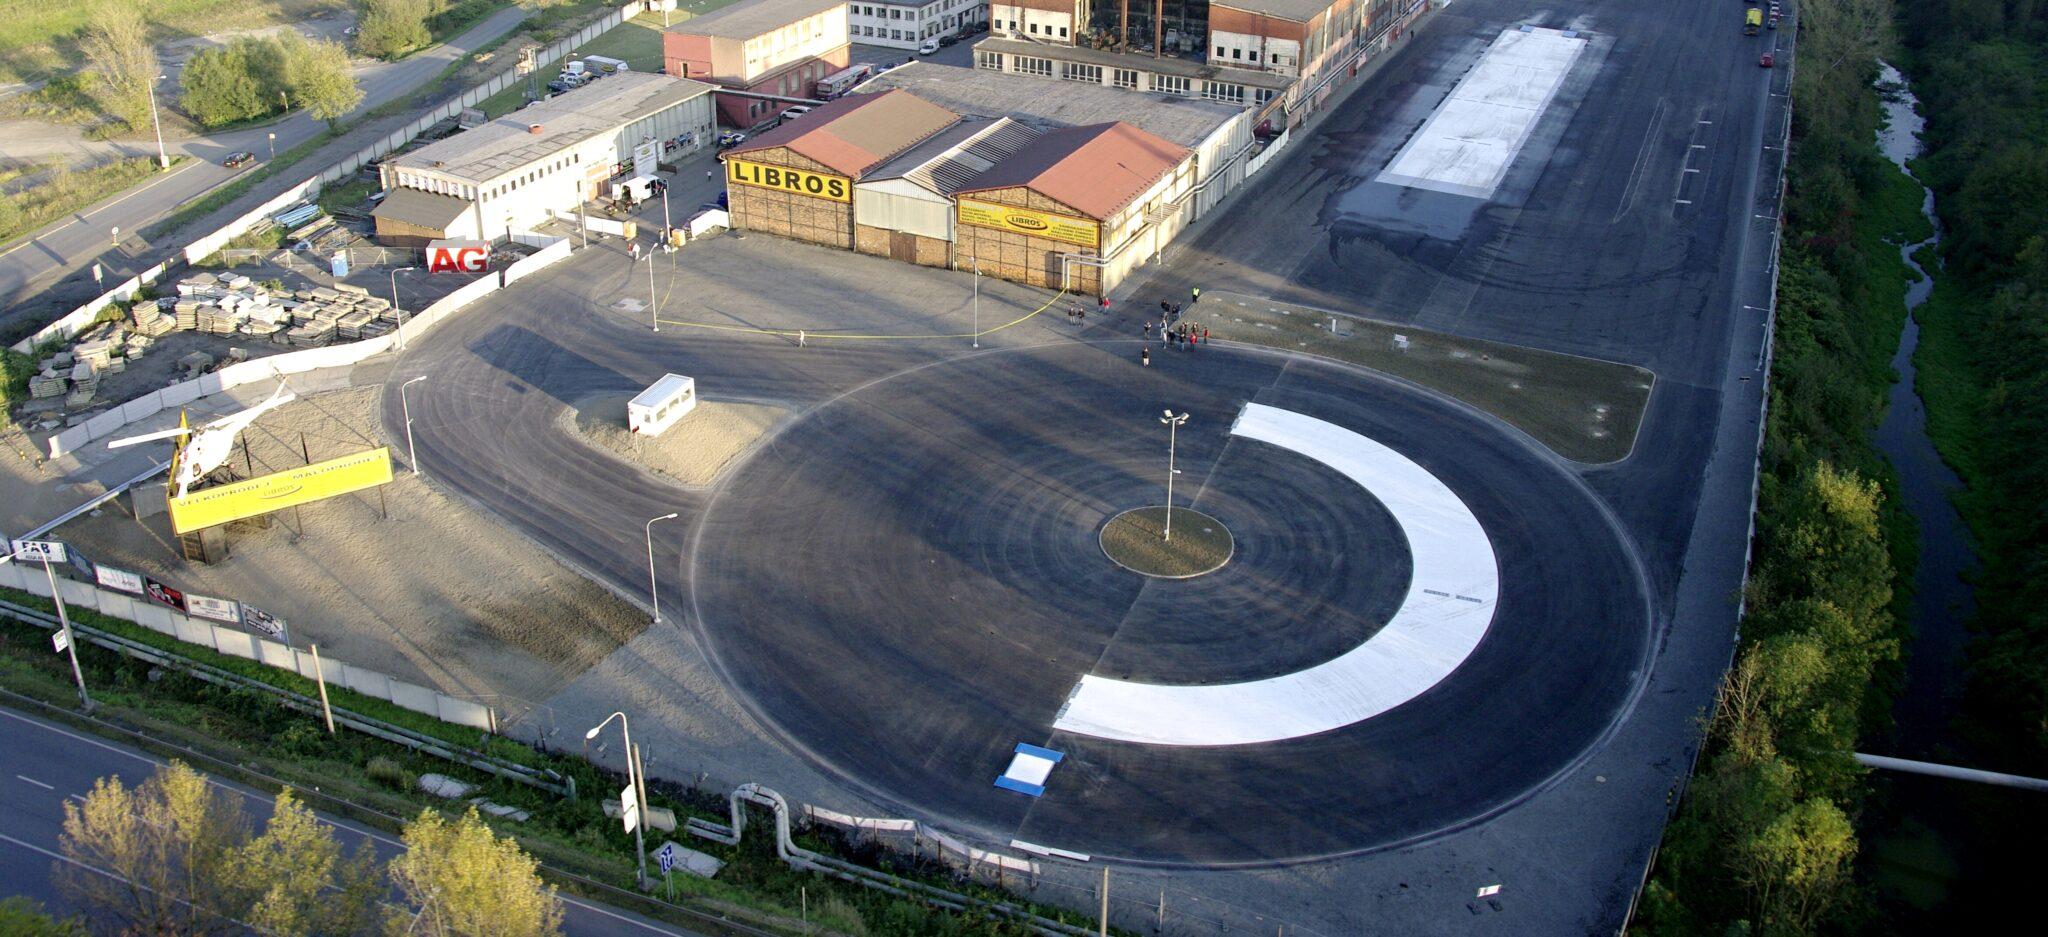 Areál střediska bezpečné jízdy v Ostravě - Libros